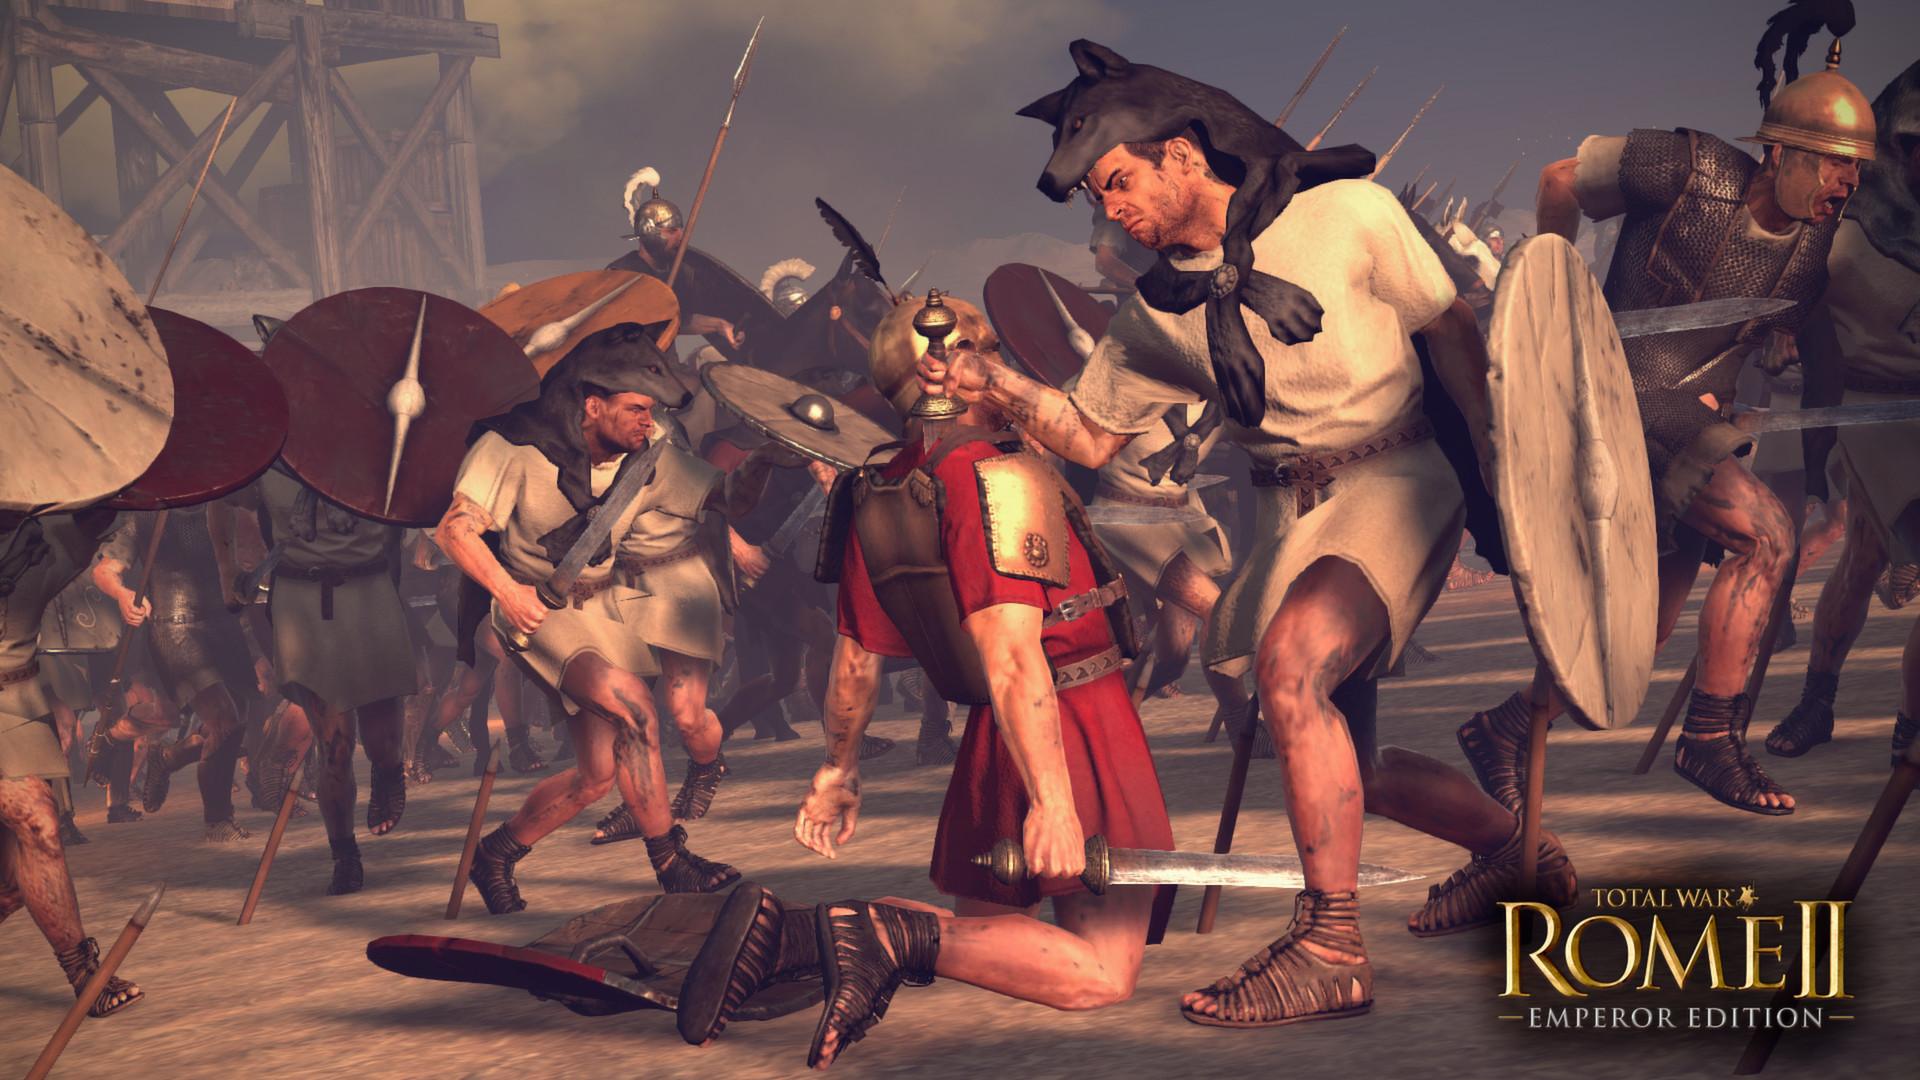 罗马2:全面战争帝皇版插图1